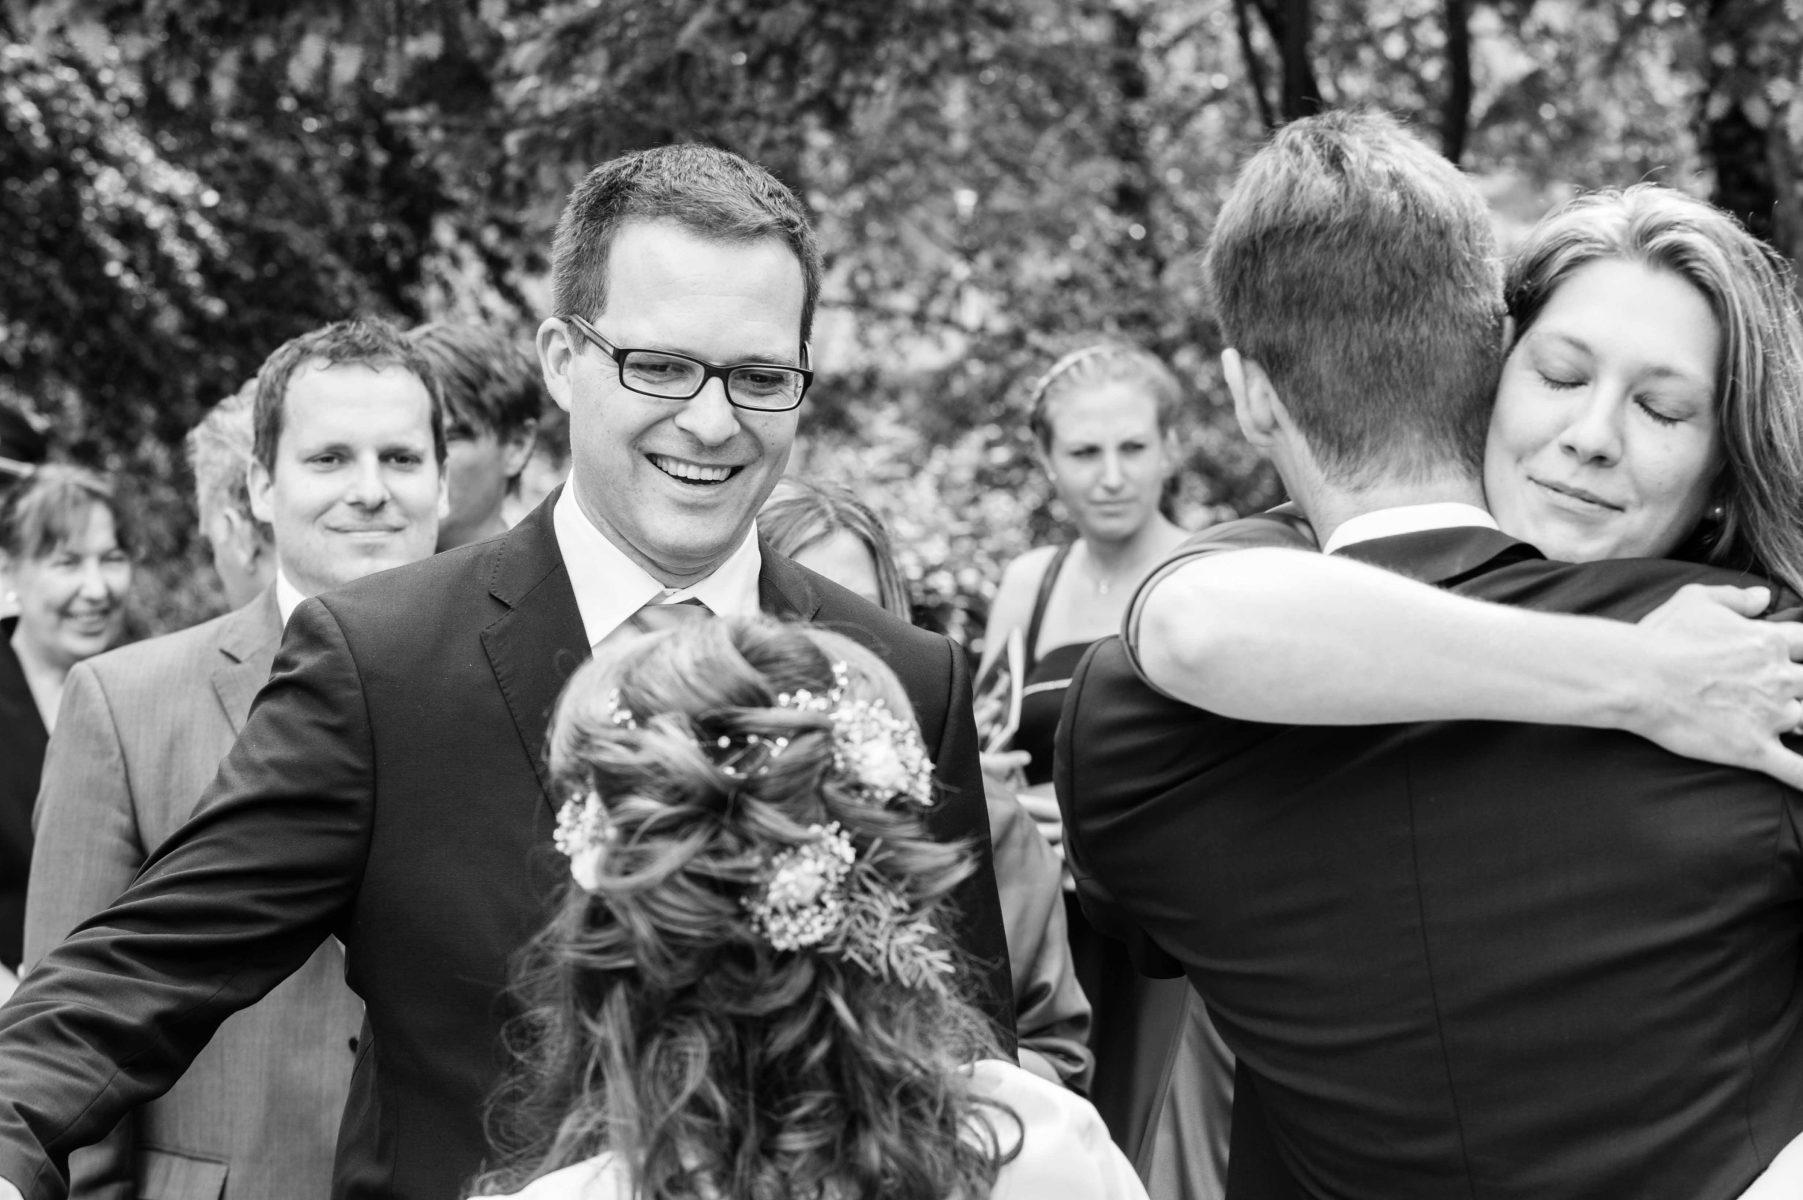 Hochzeit Gratulation B2000 3400 1803x1200 - GRATULATION & EMOTION